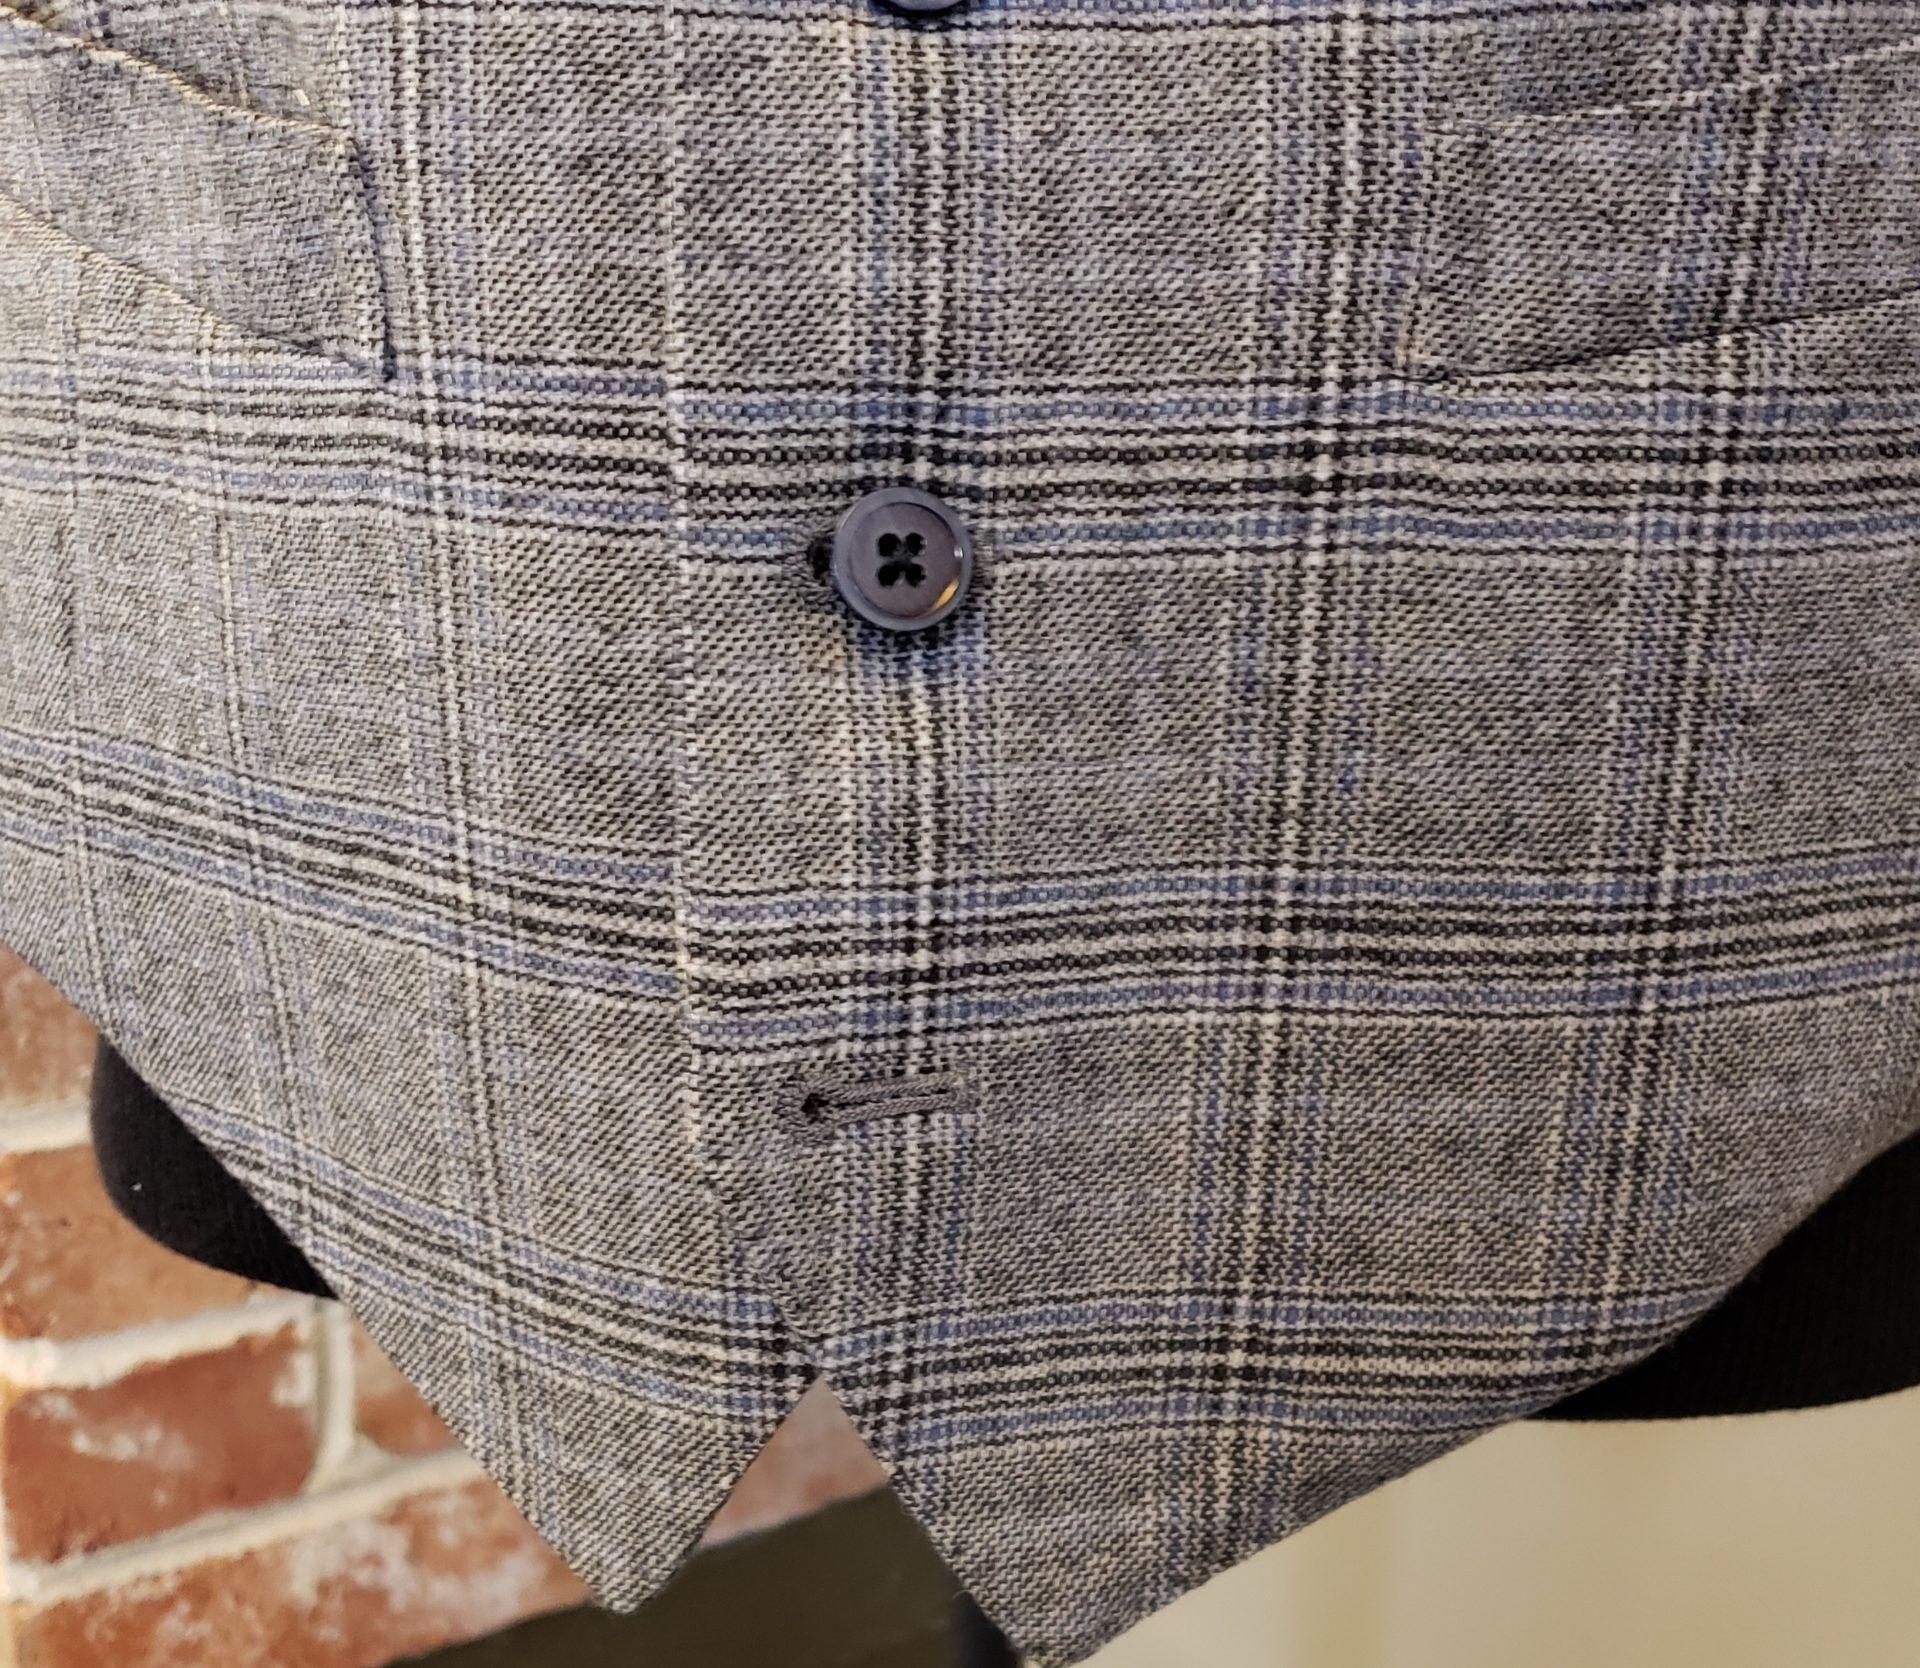 last vest button should be left unbuttoned